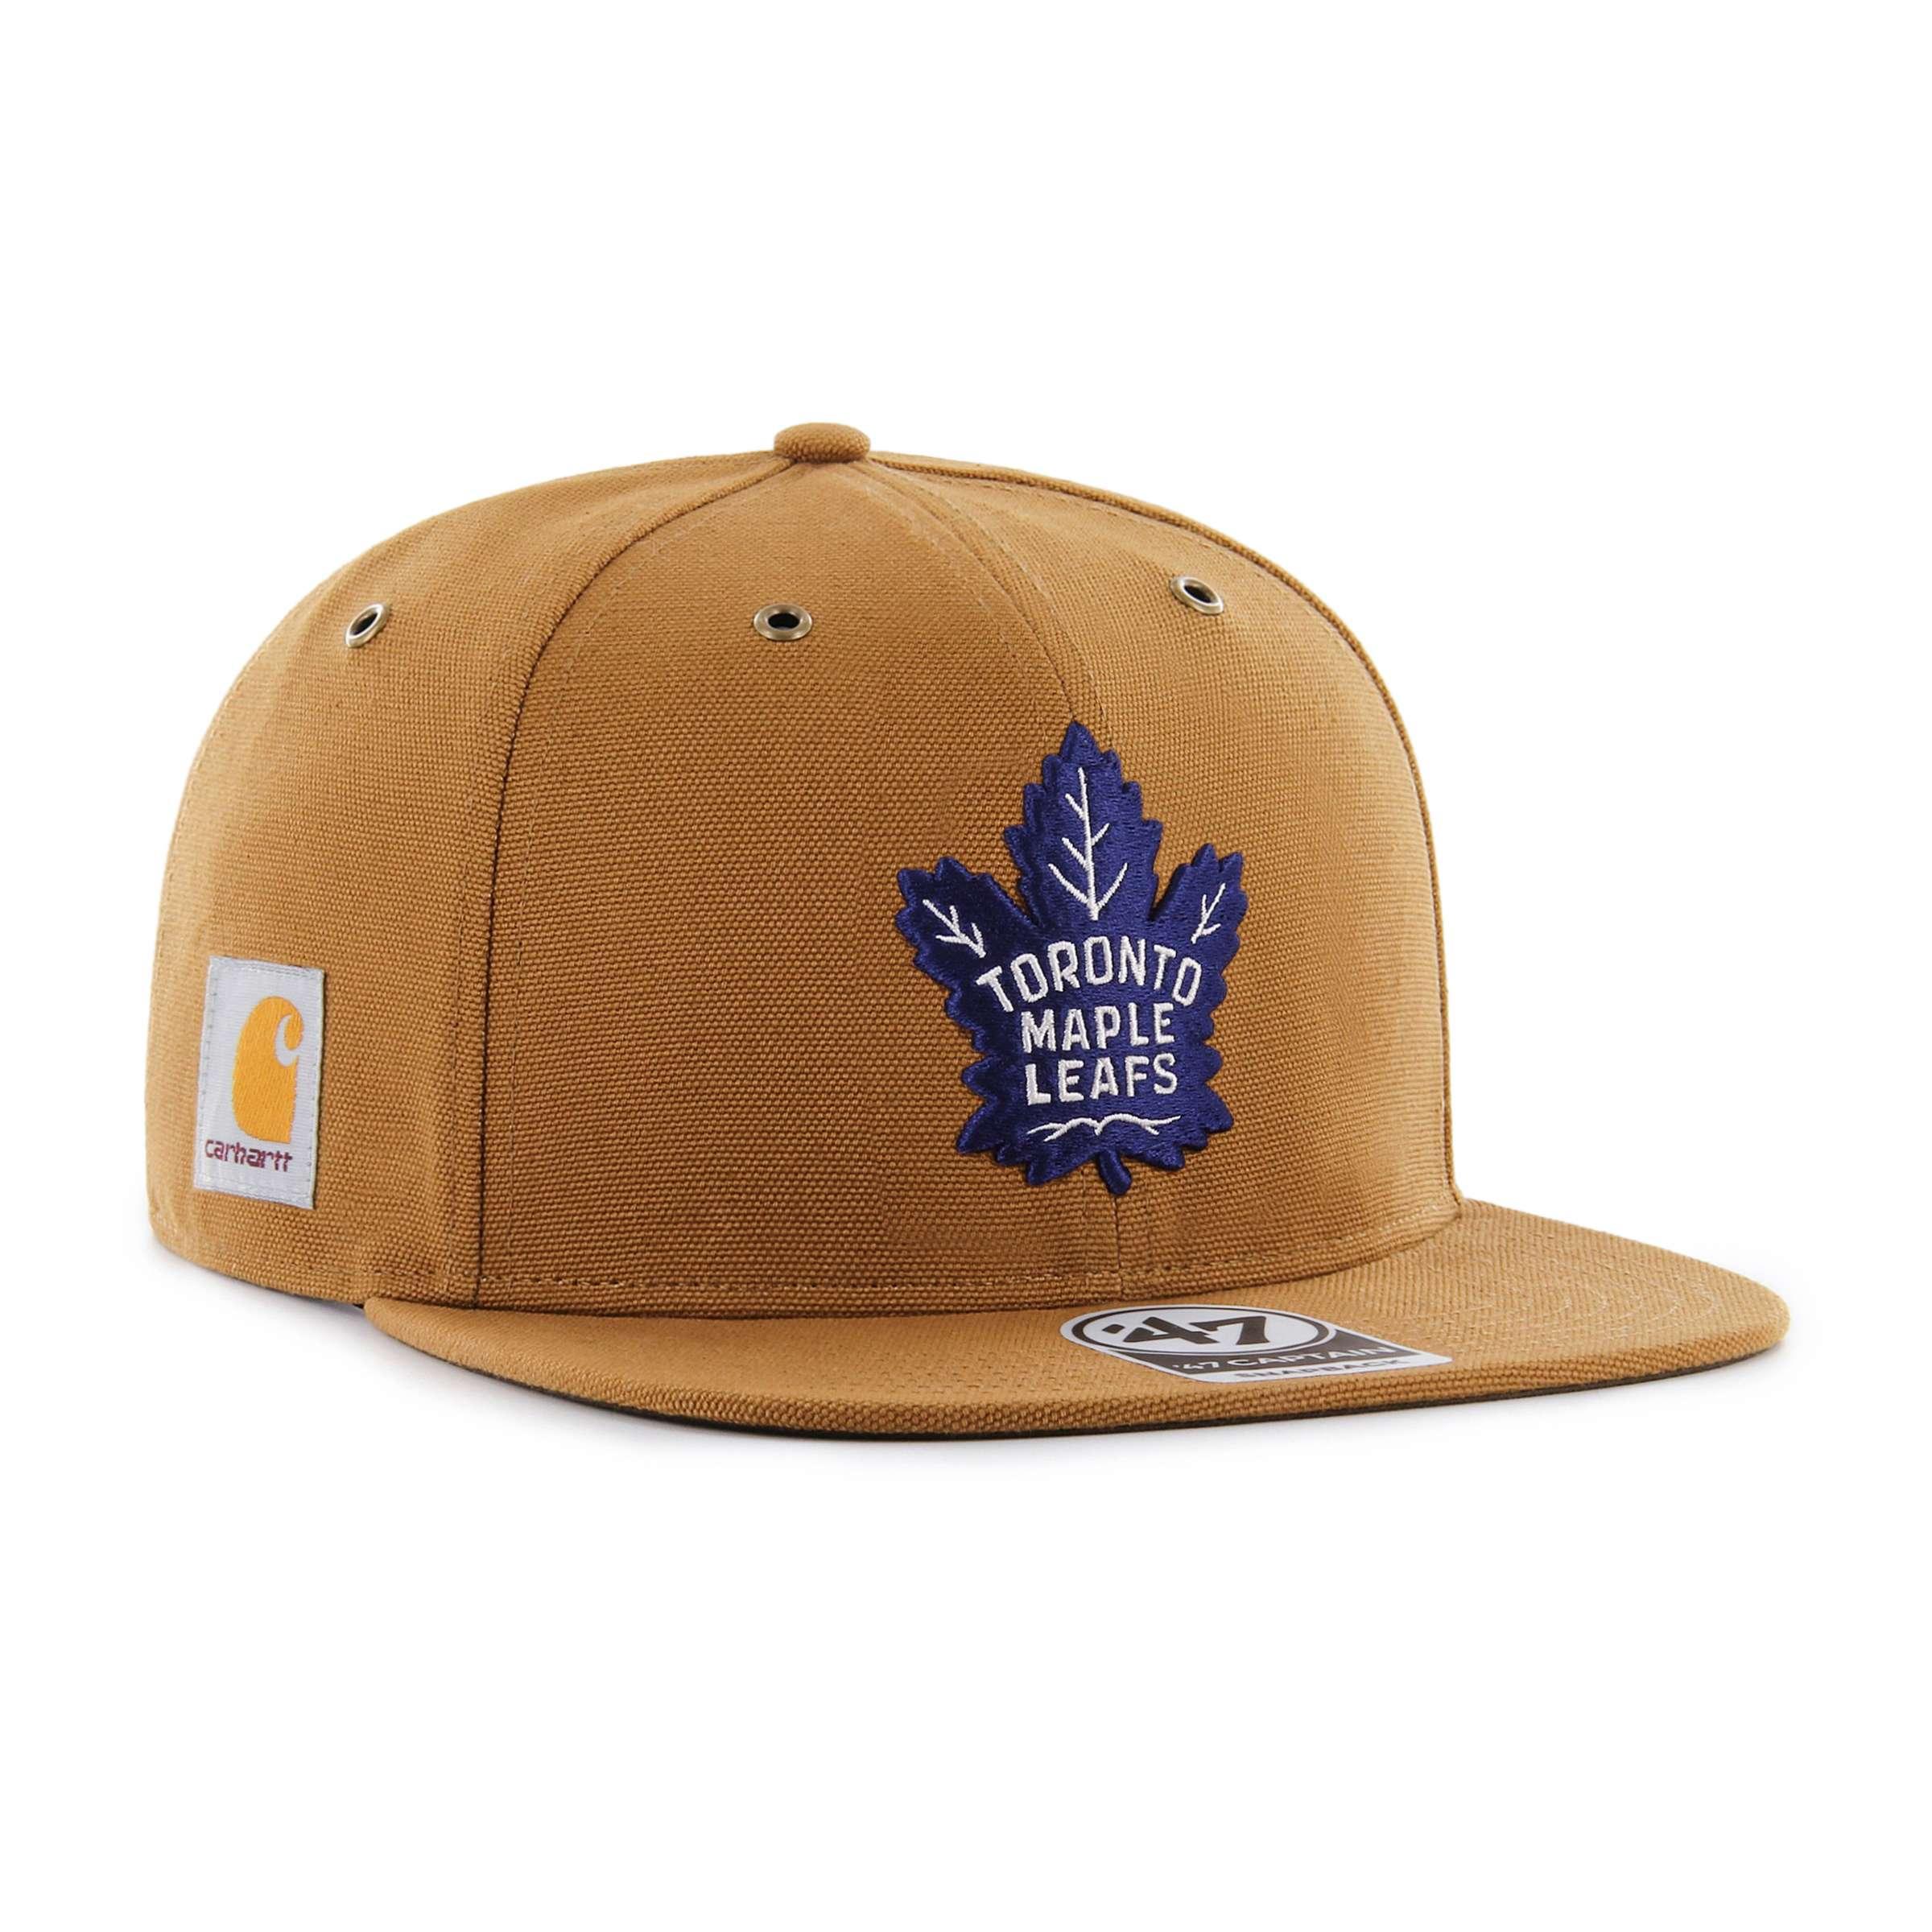 Carhartt Toronto Maple Leafs Carhartt x '47 Captain